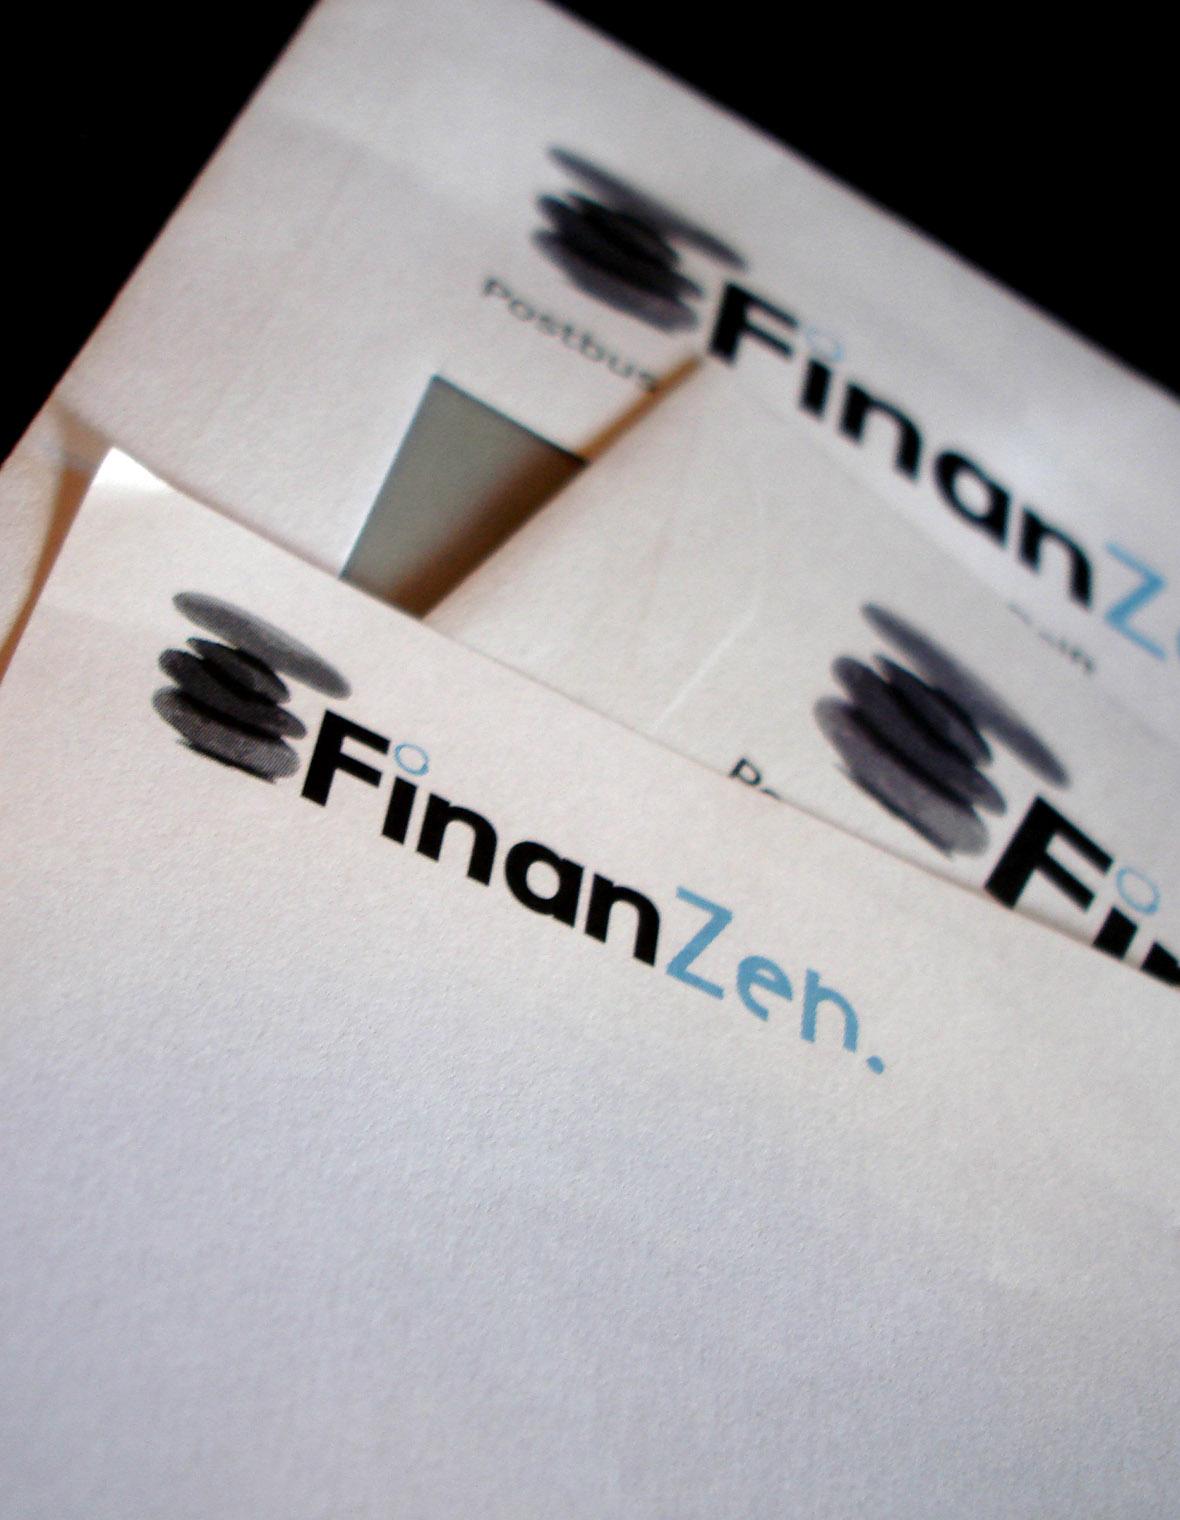 finanzen huisstijl visitekaartjes drukwerk logo brochures styleguide voucher briefpapier